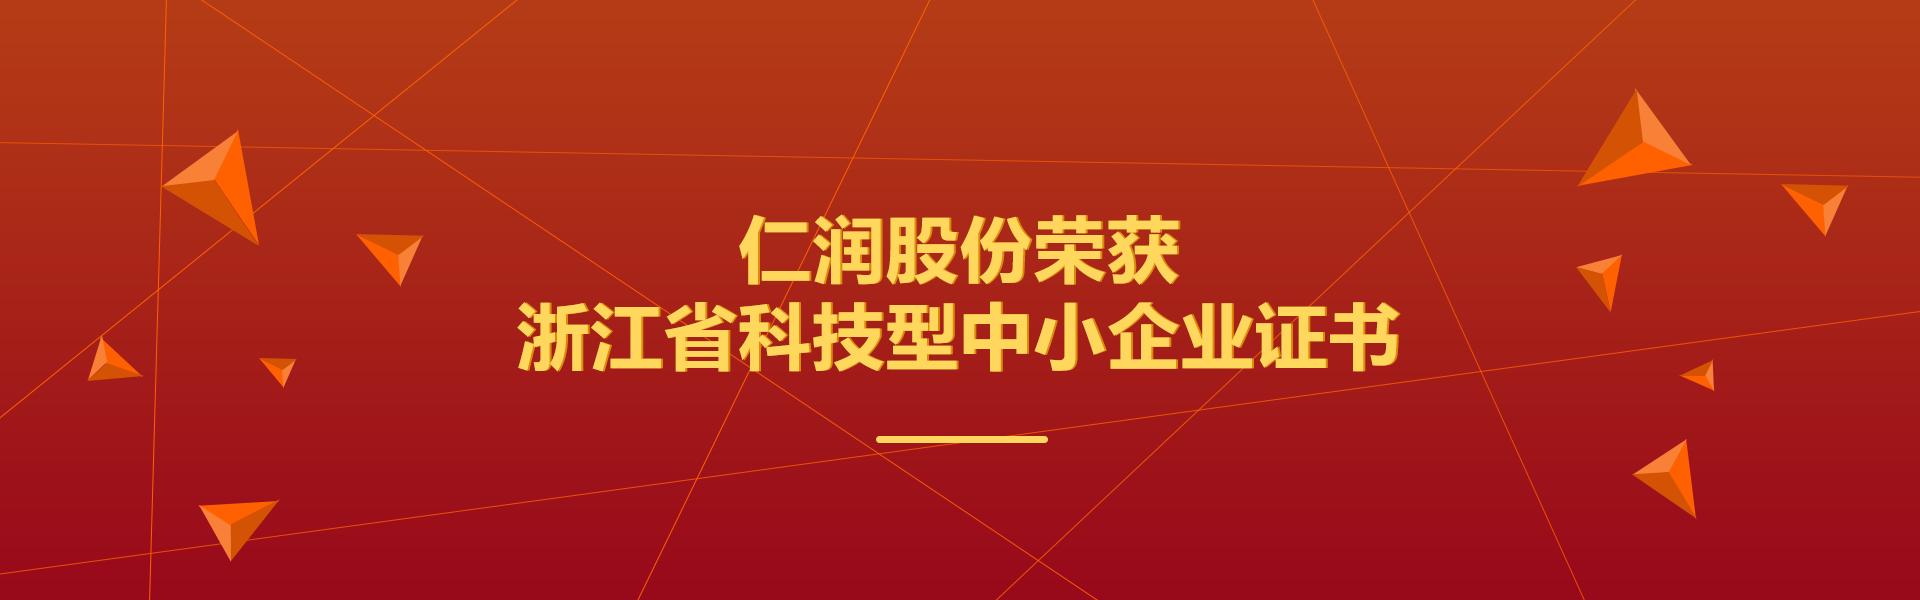 """【喜讯】仁润股份荣获""""浙江省科技型中小企业证书"""""""